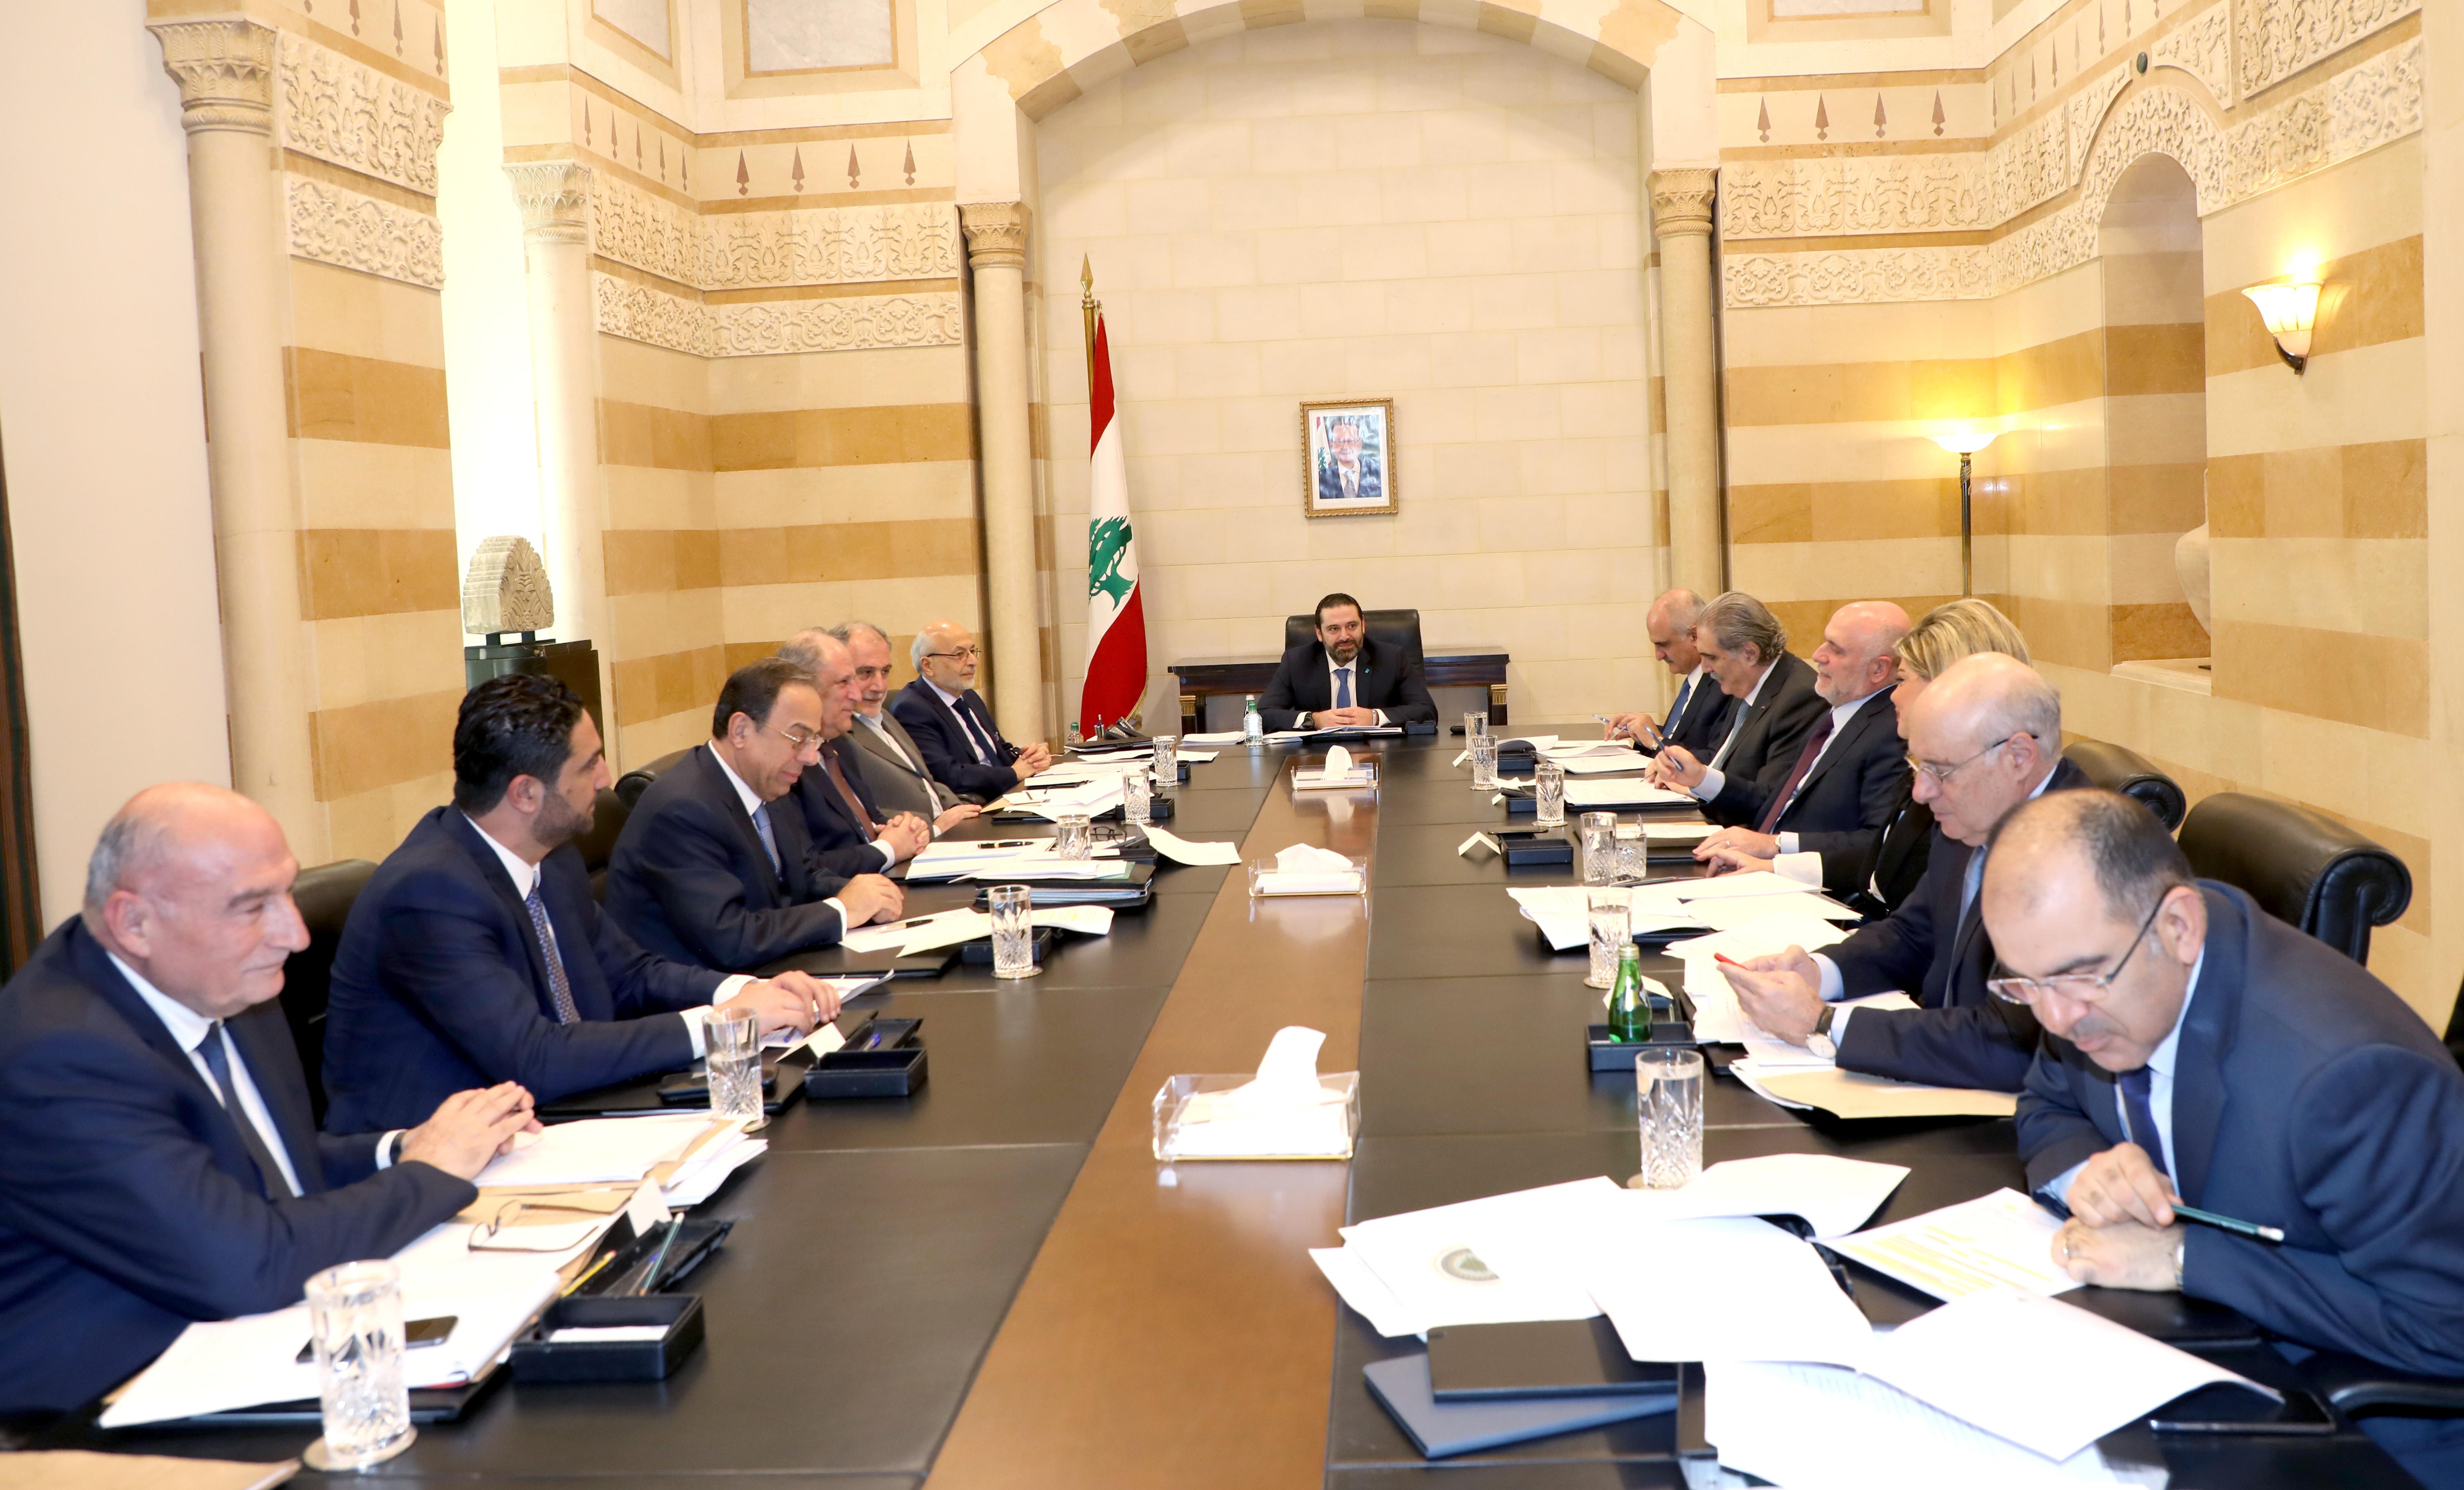 Pr Minister Saad Hariri Heading a Ministerial Meeting 1